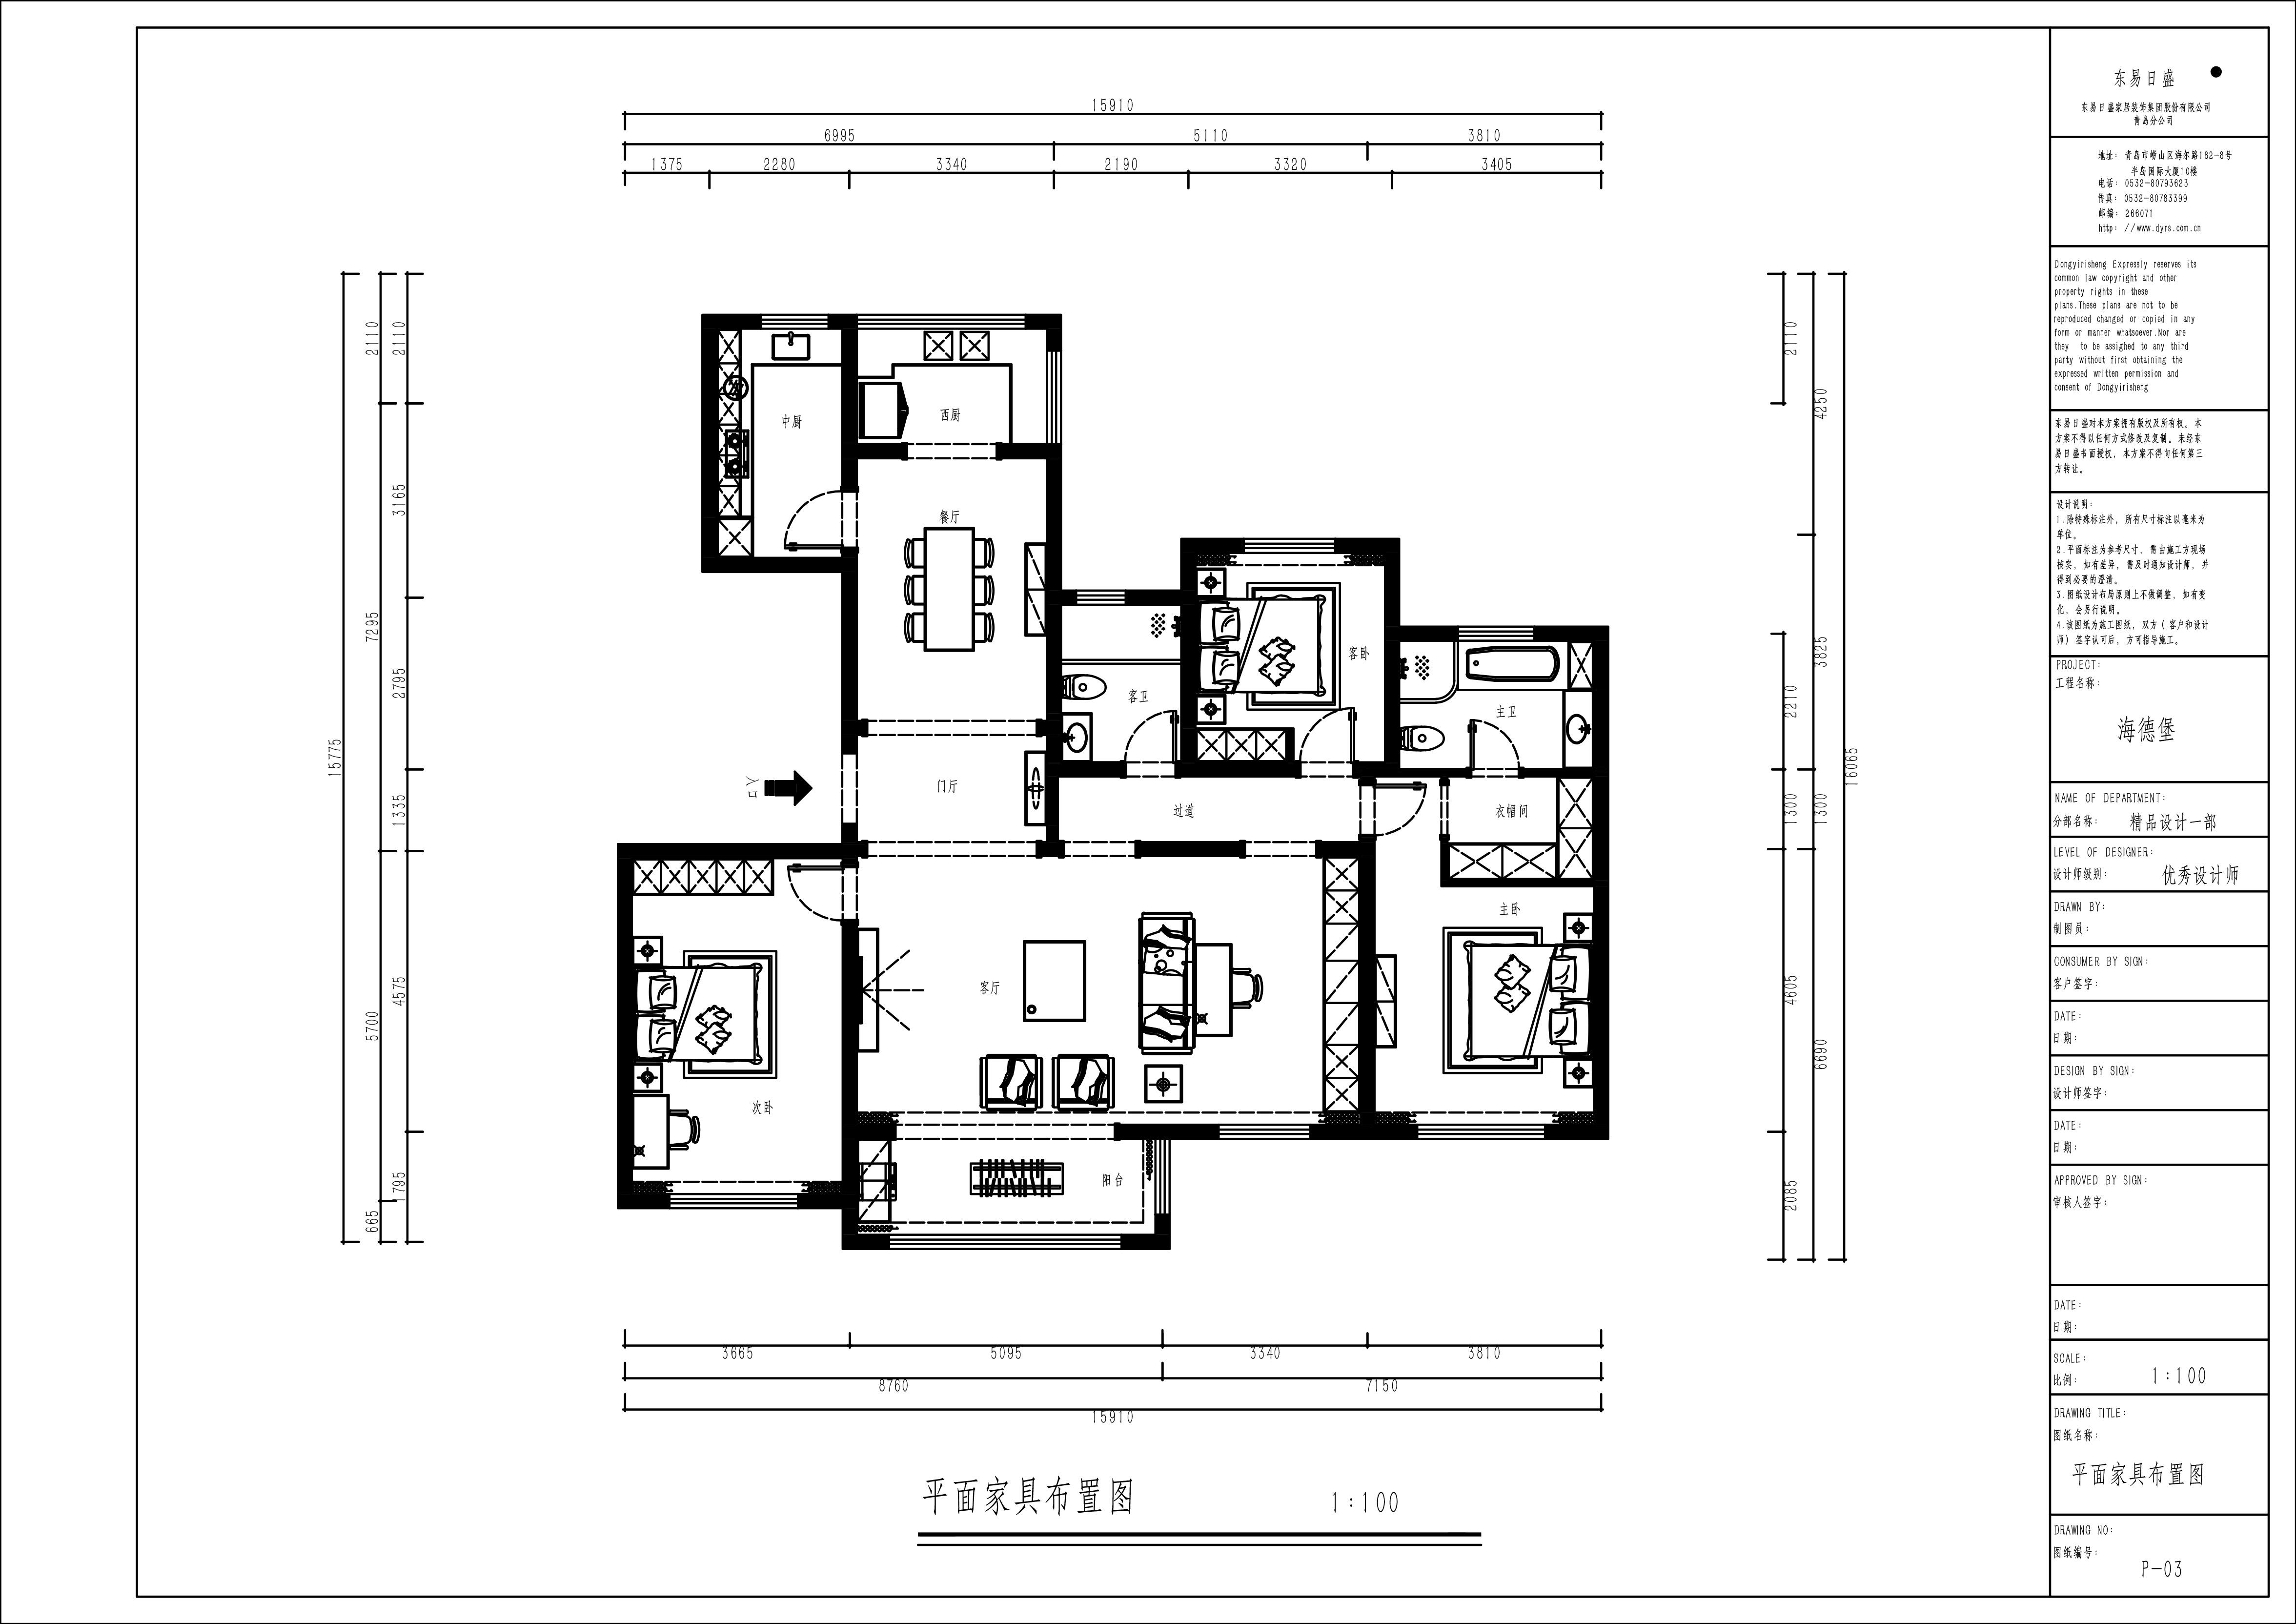 海德堡 188平米設計案例 歐式裝修效果圖裝修設計理念